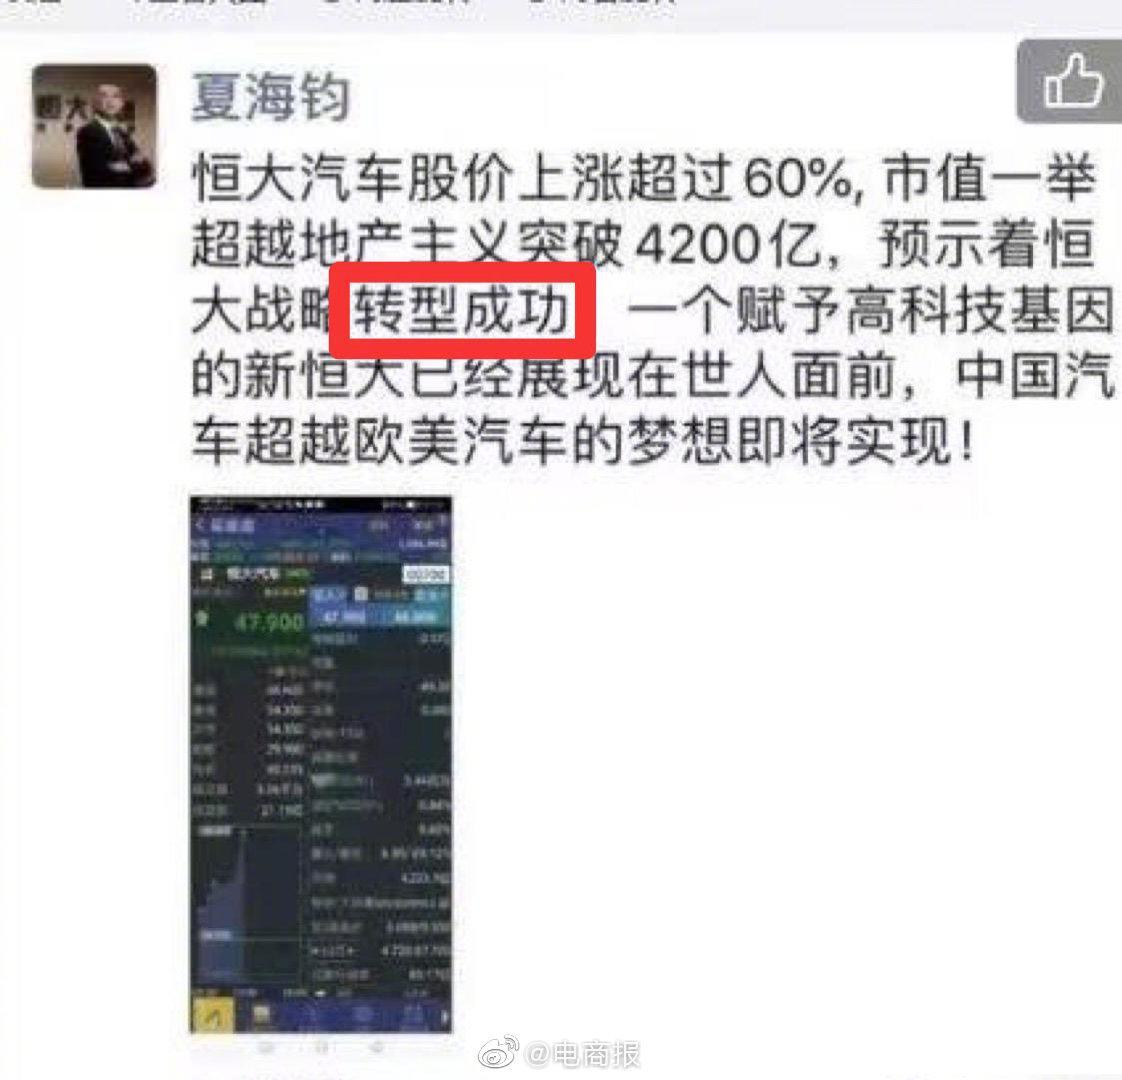 恒大总裁夏海钧:恒大战略转型成功……